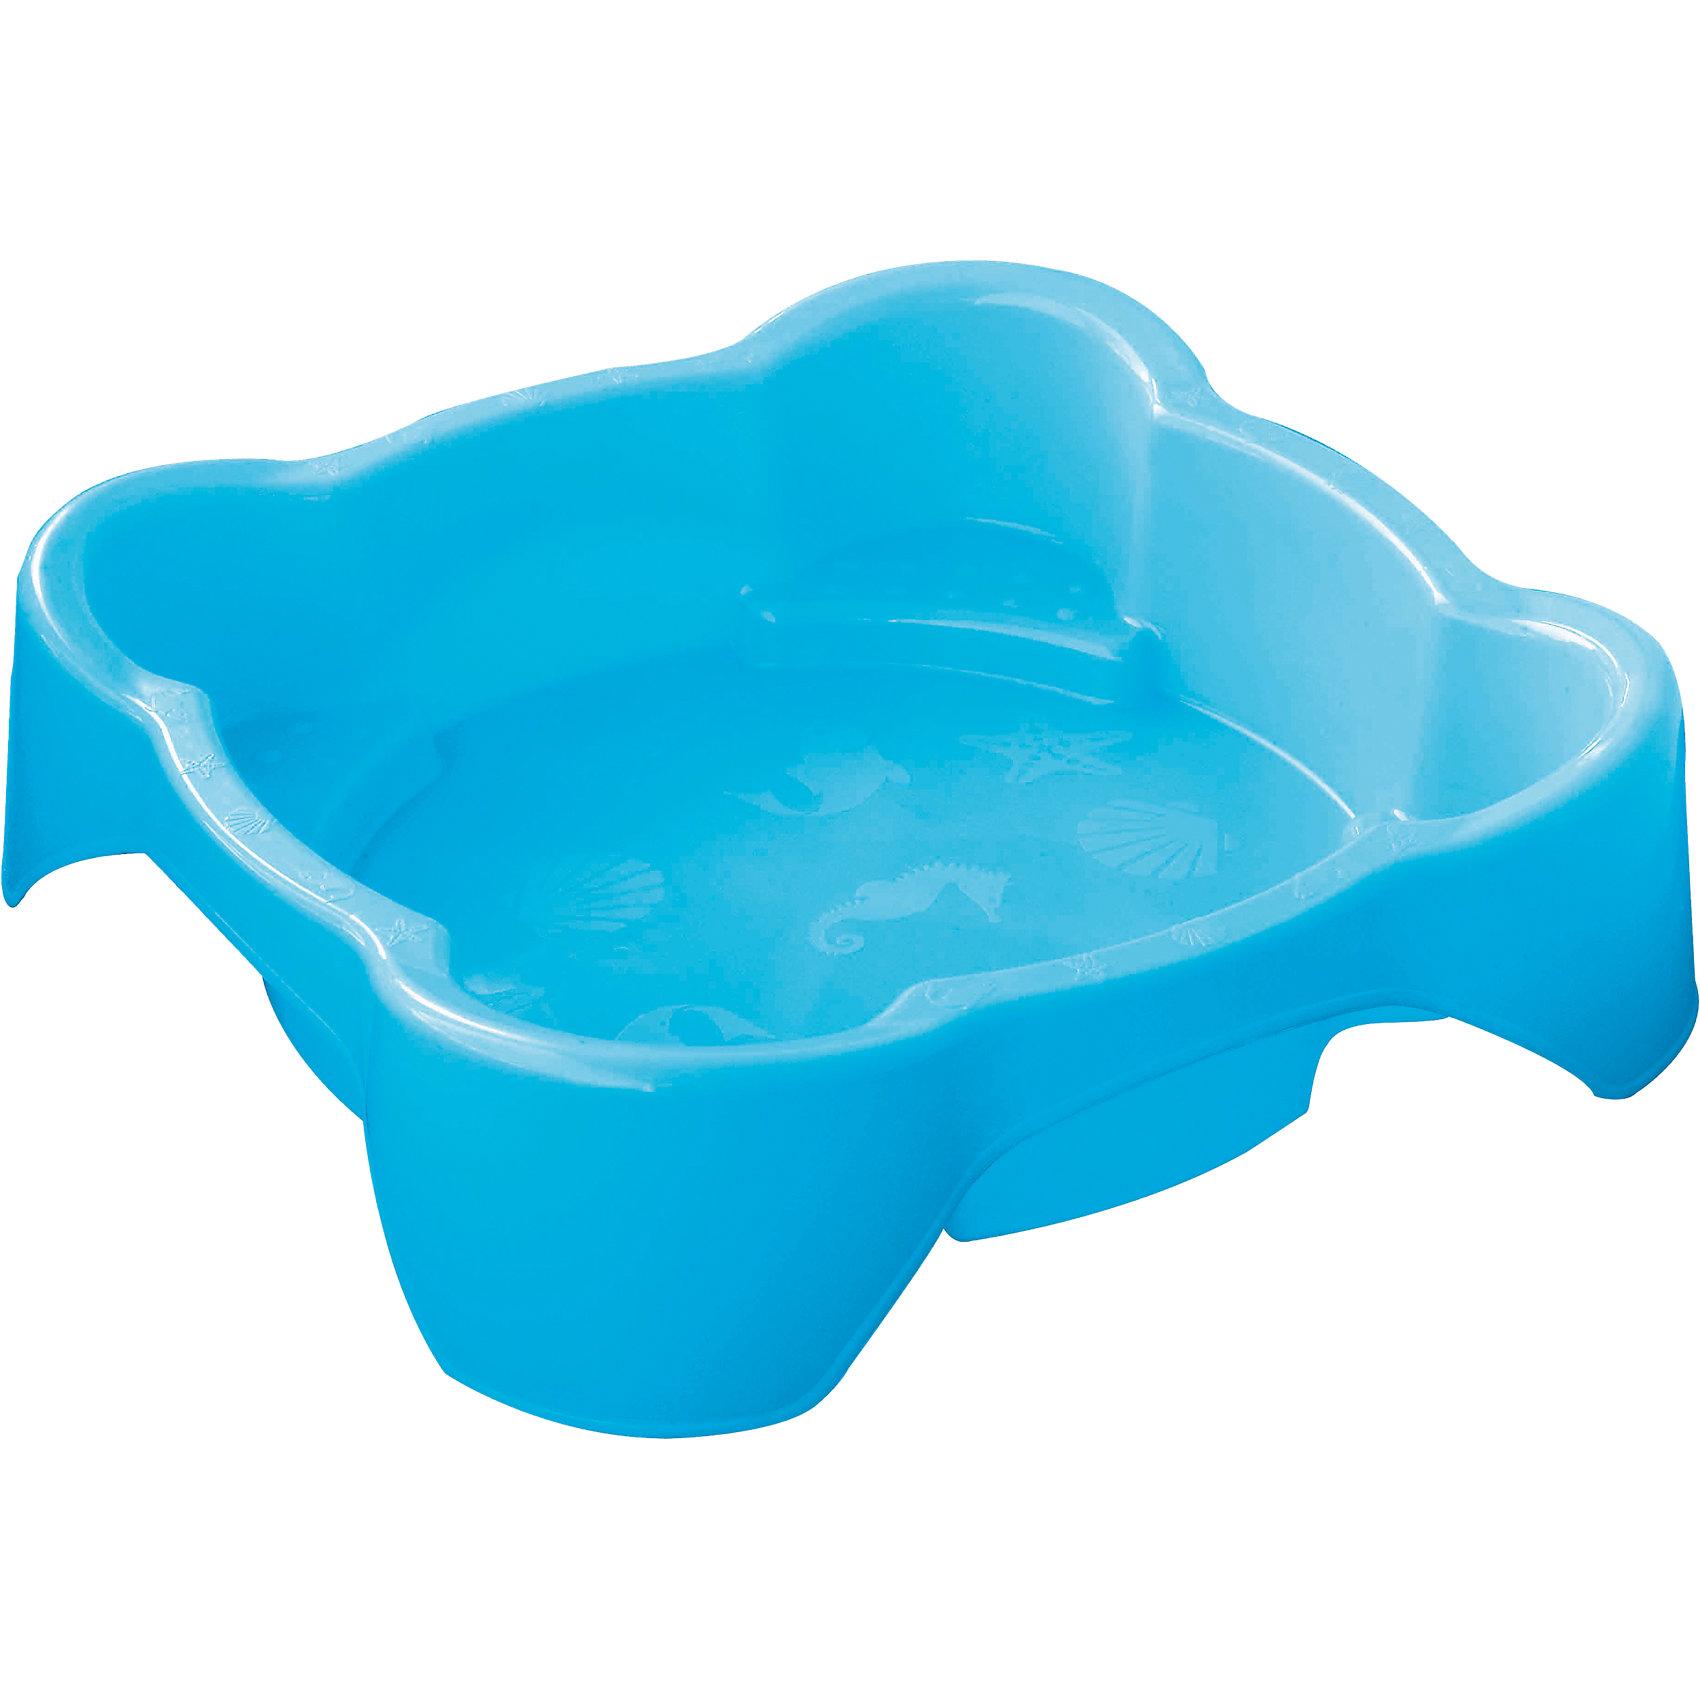 Песочница квадратная, голубая, Marianplast